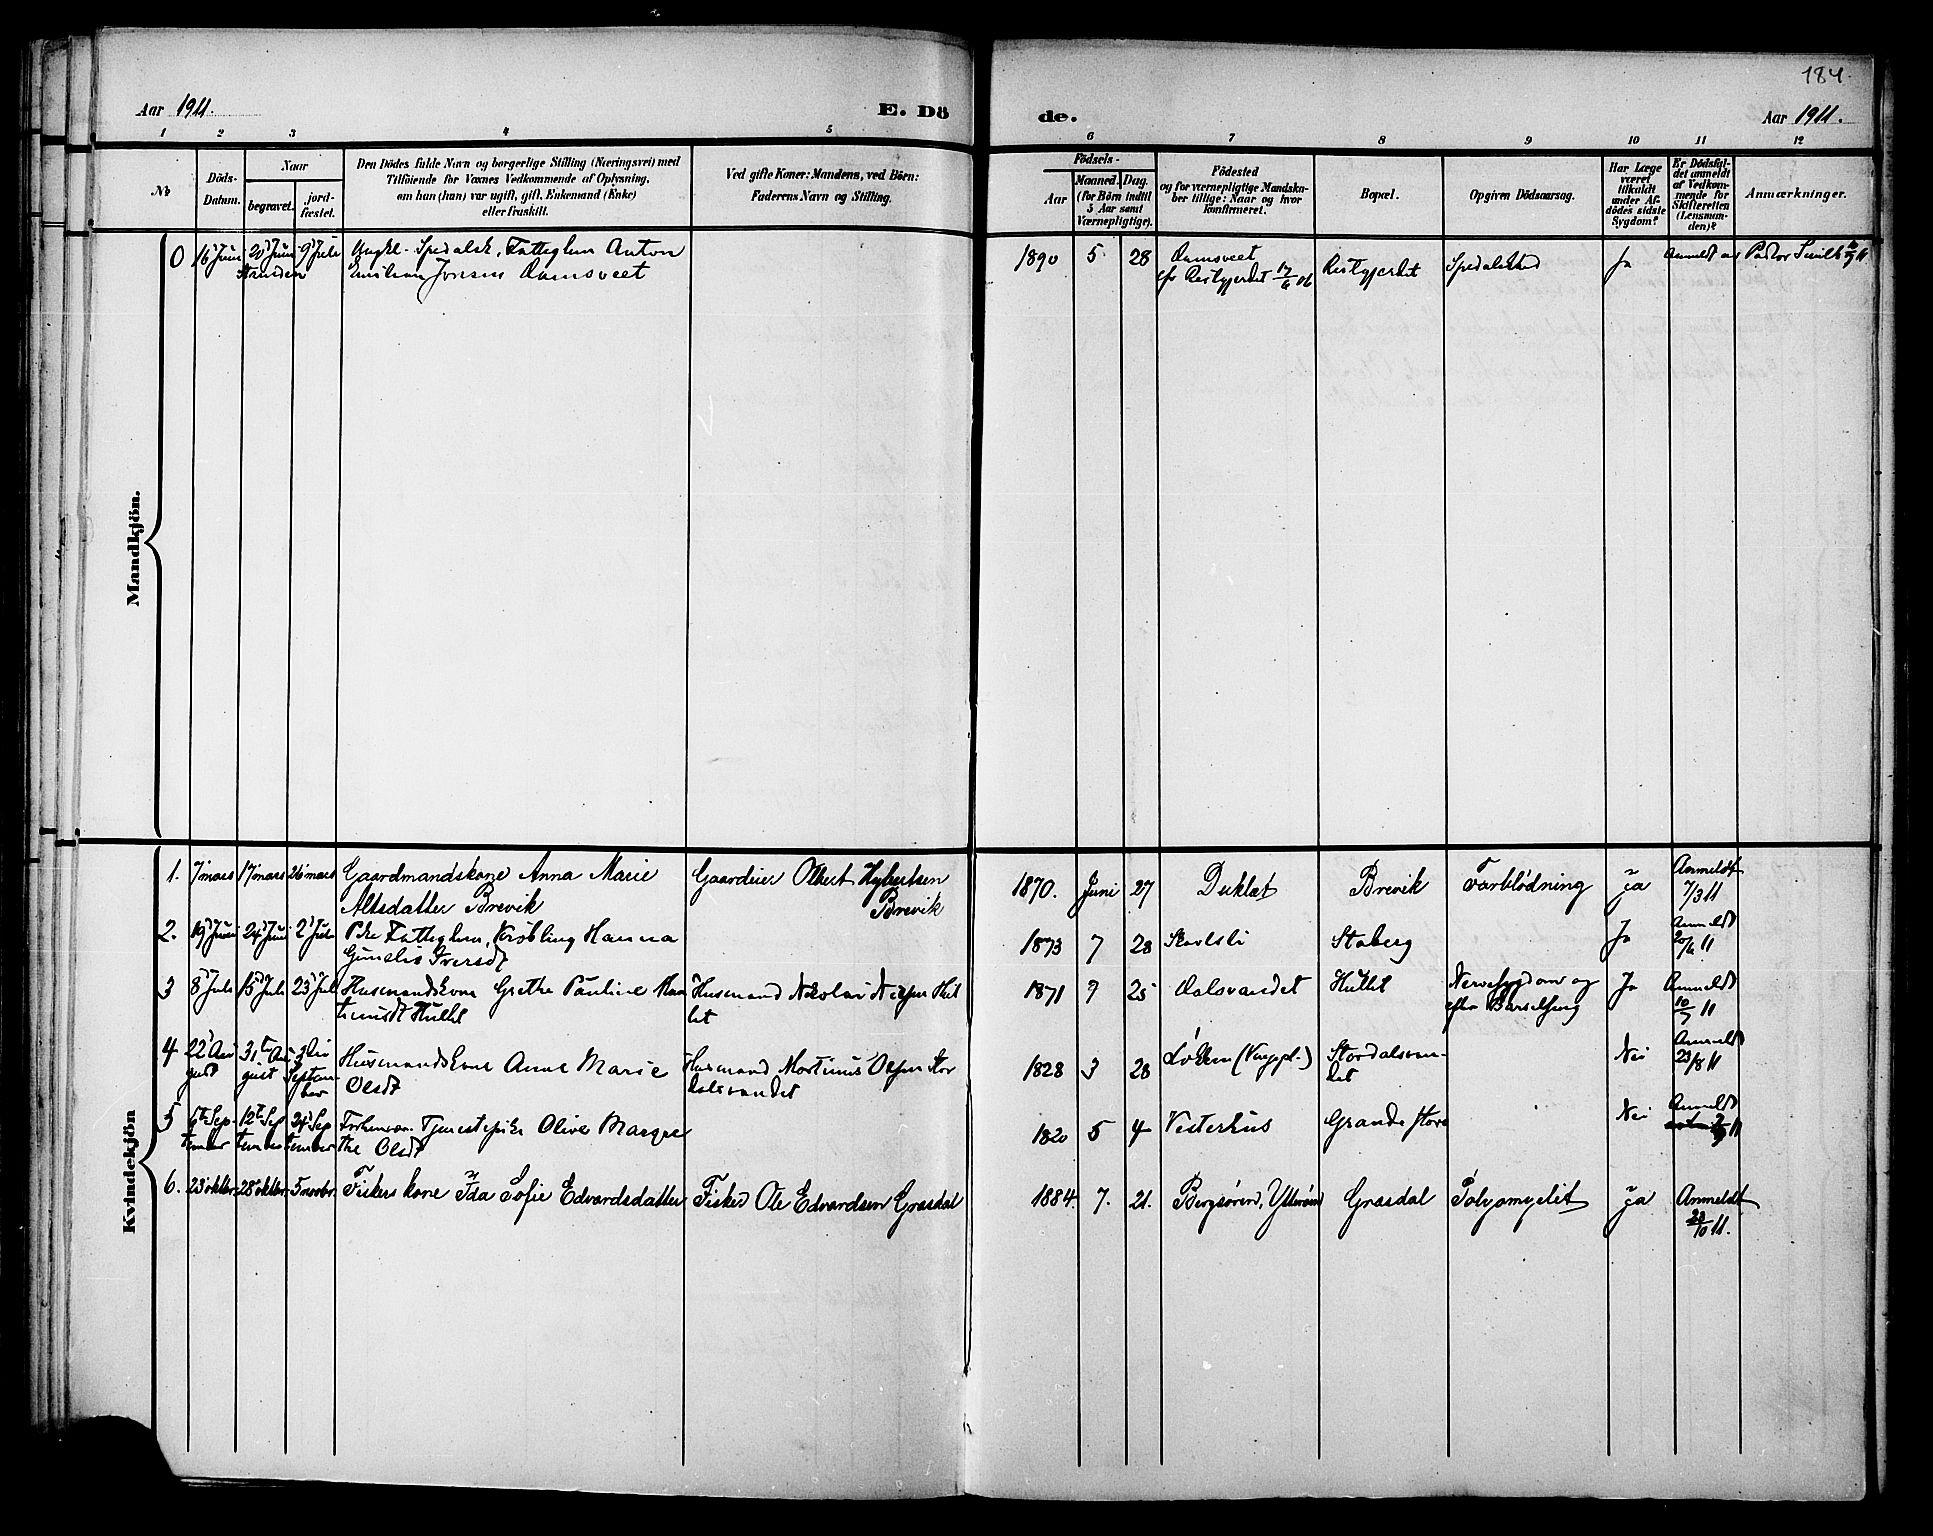 SAT, Ministerialprotokoller, klokkerbøker og fødselsregistre - Nord-Trøndelag, 733/L0327: Klokkerbok nr. 733C02, 1888-1918, s. 184